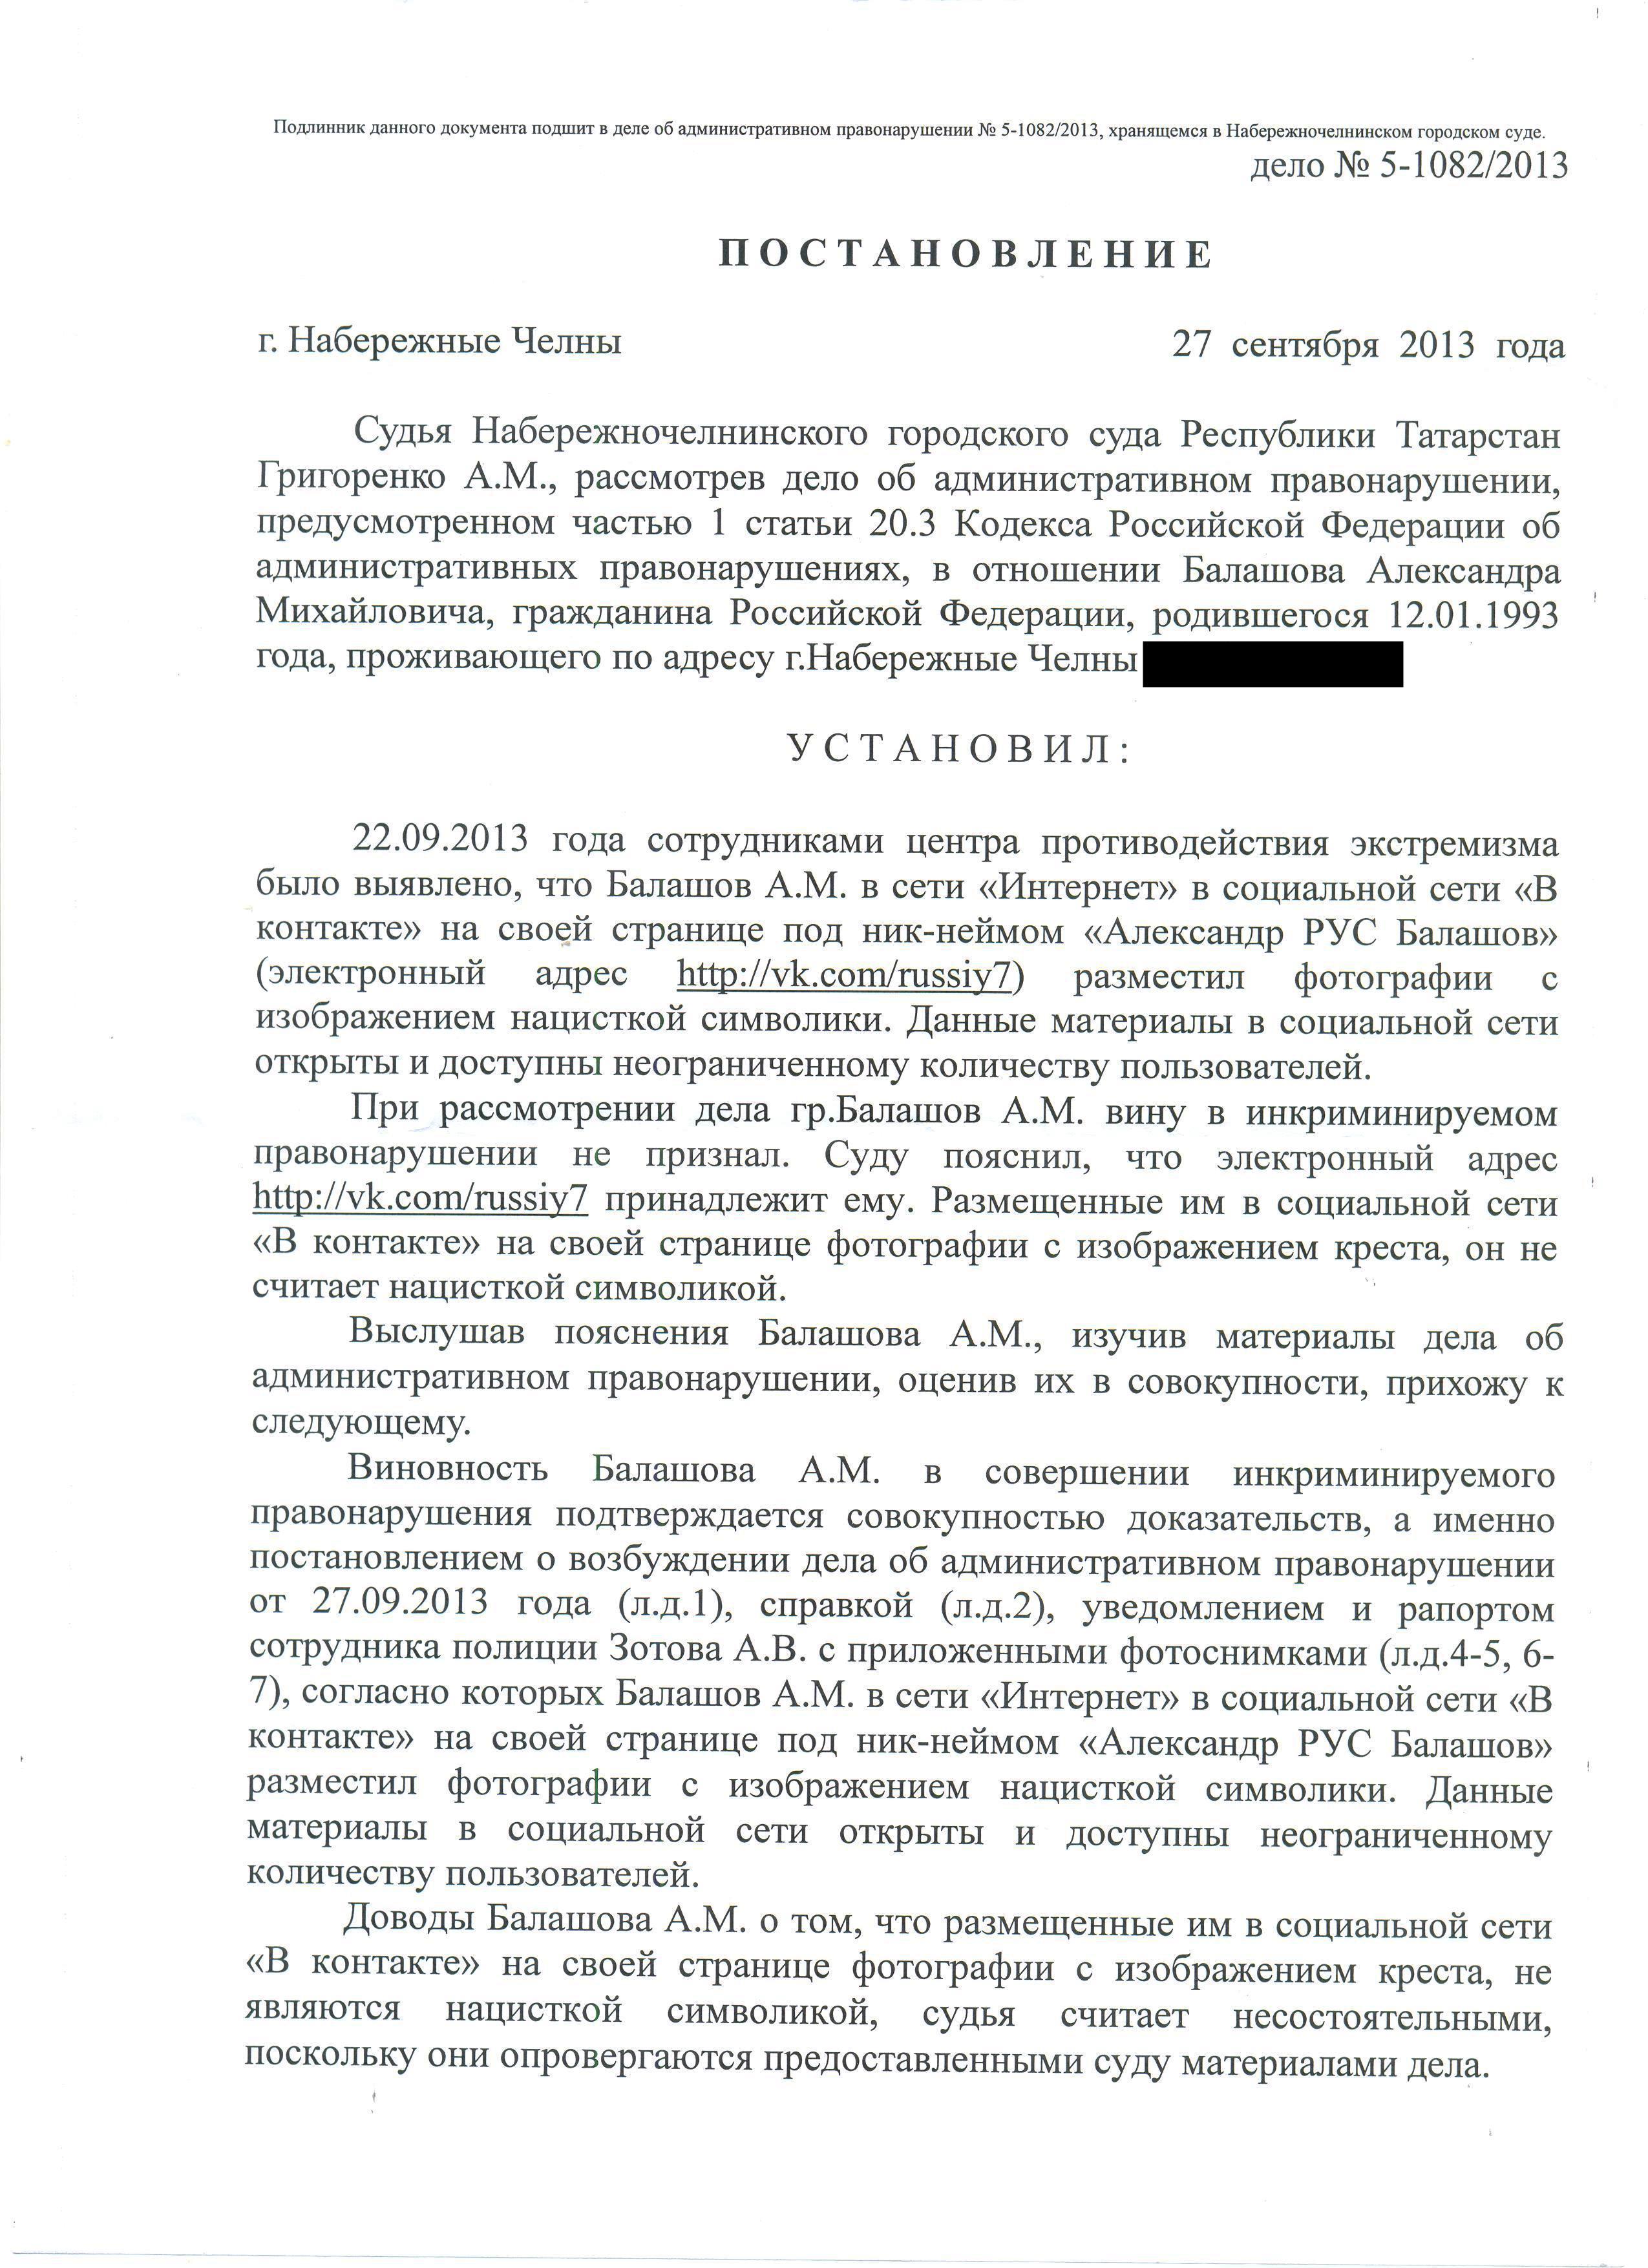 За видео ВКонтакте — 5 суток административного ареста